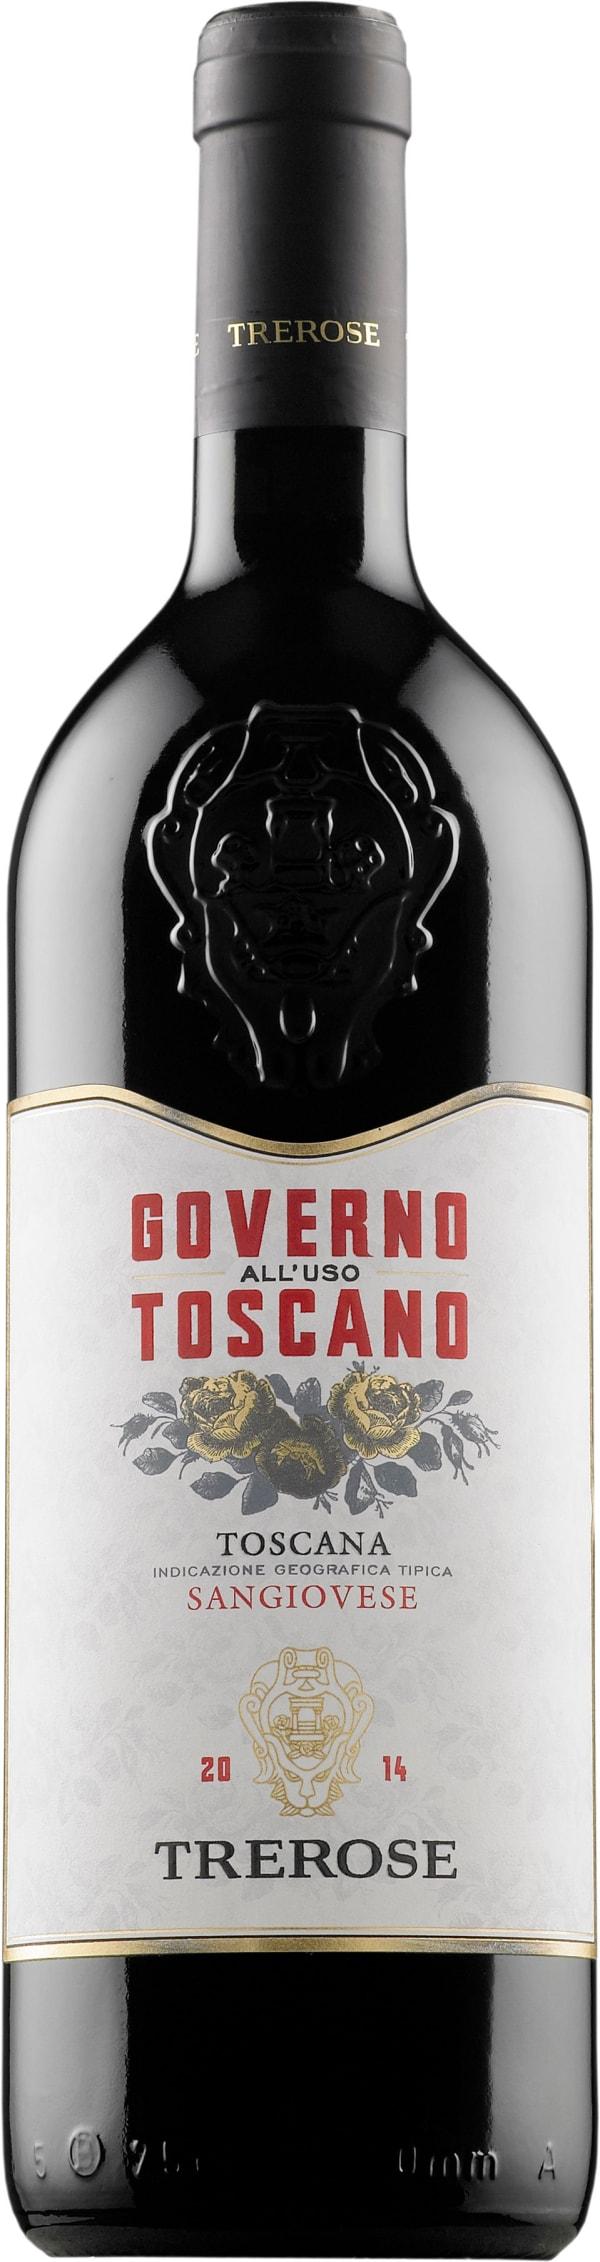 Tre Rose Governo all'Uso Toscano 2019